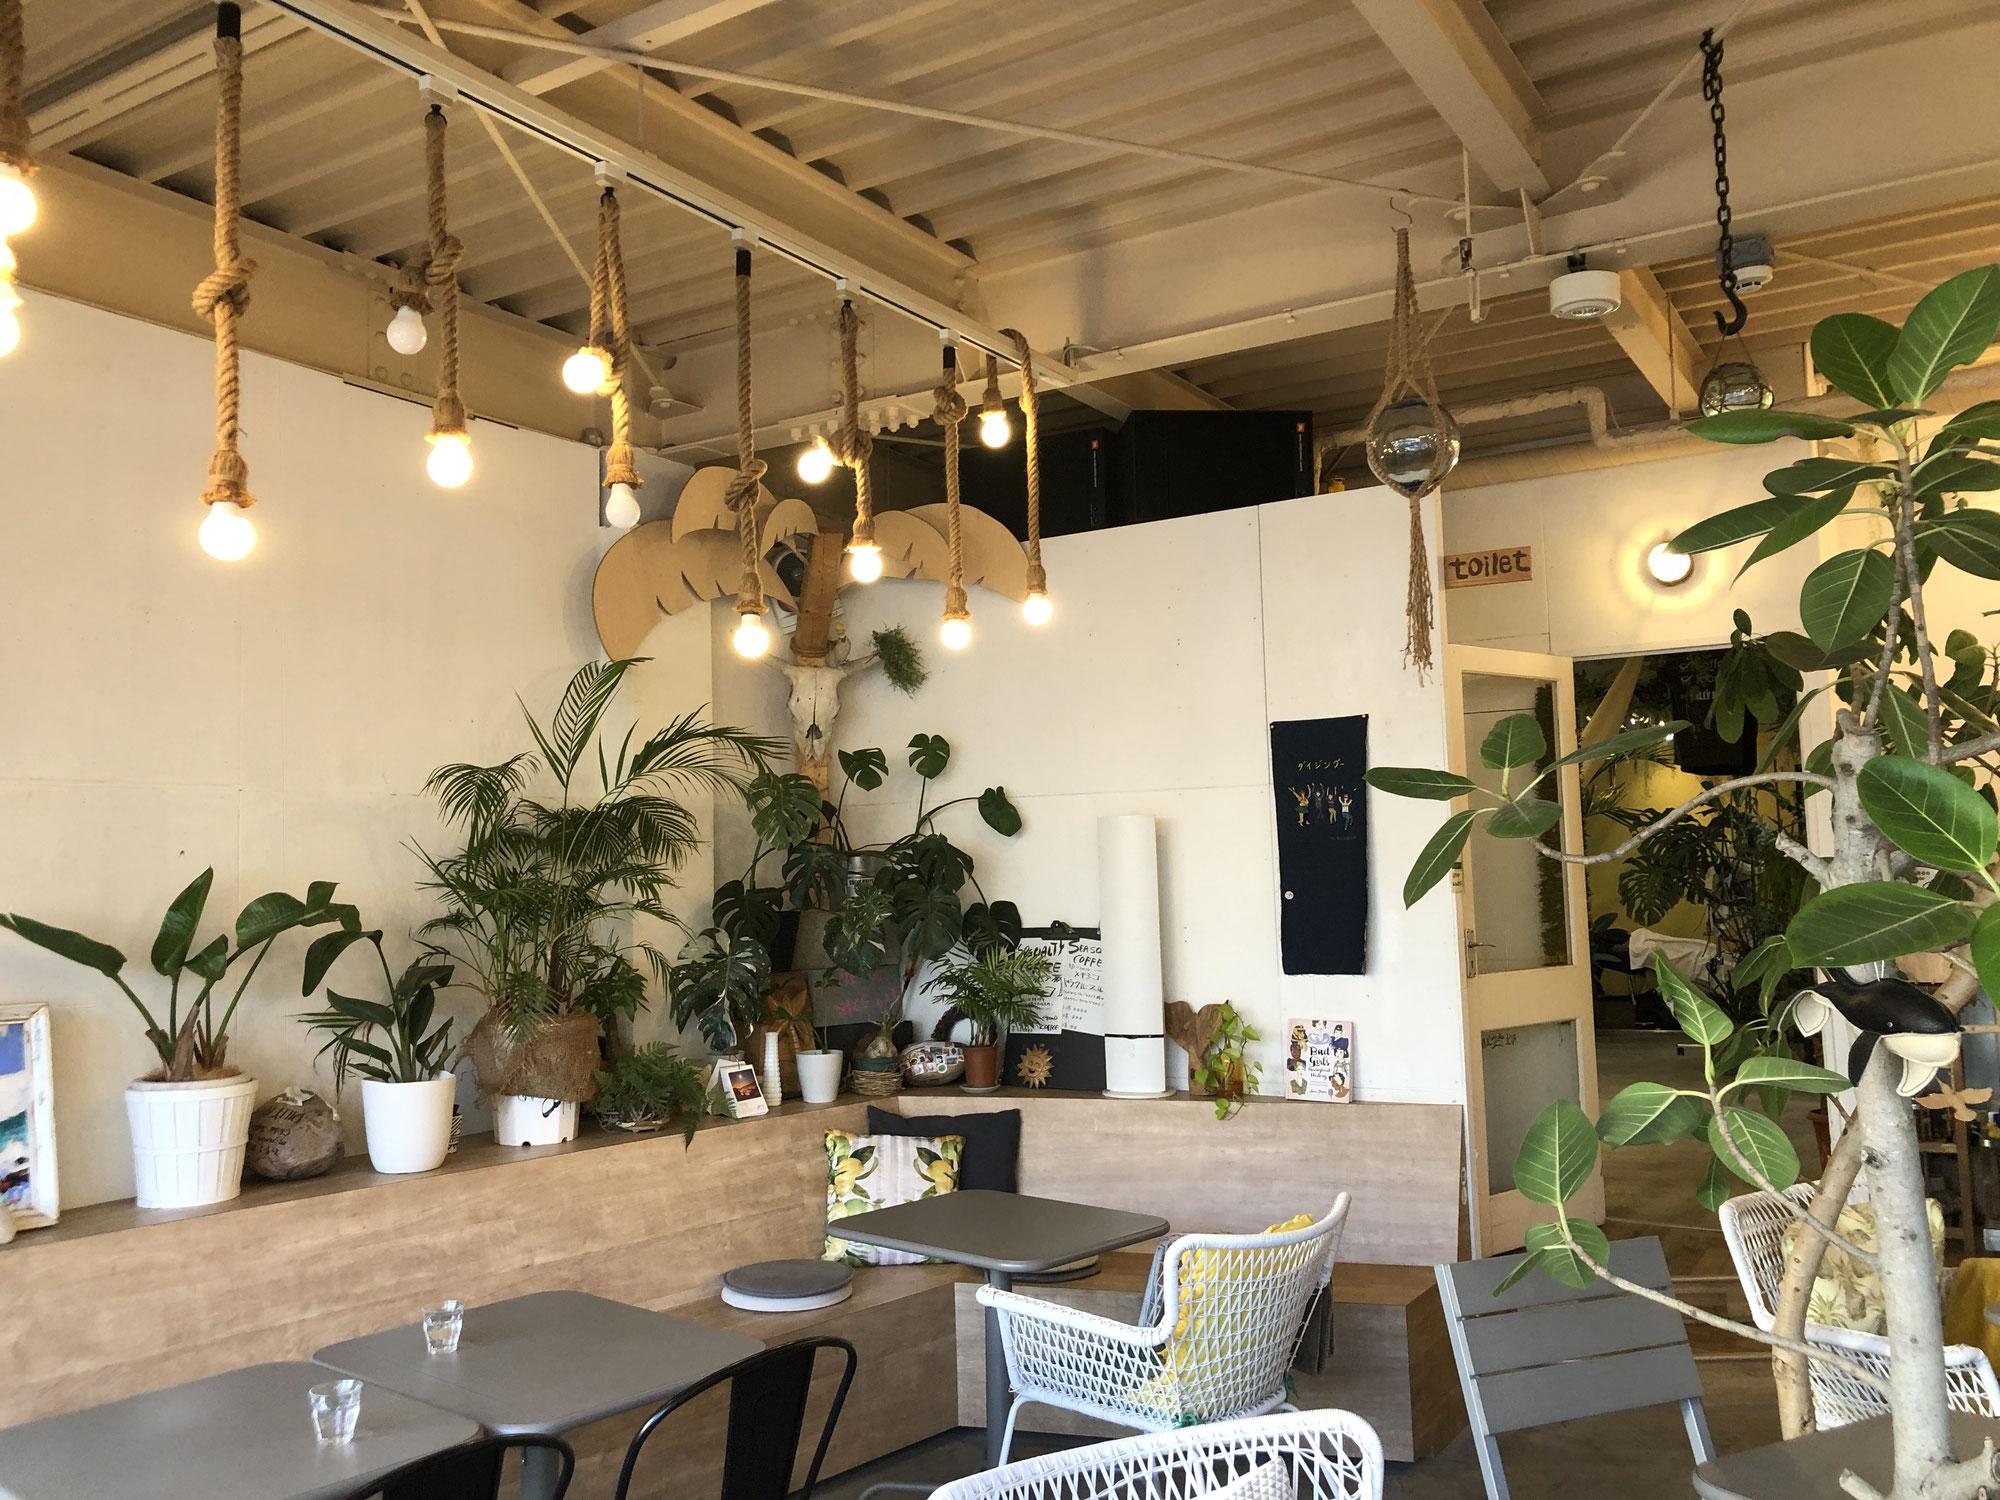 美容室とカフェ併設の「喫茶店ダイジングー 」海外に行かなくてもリゾート気分!